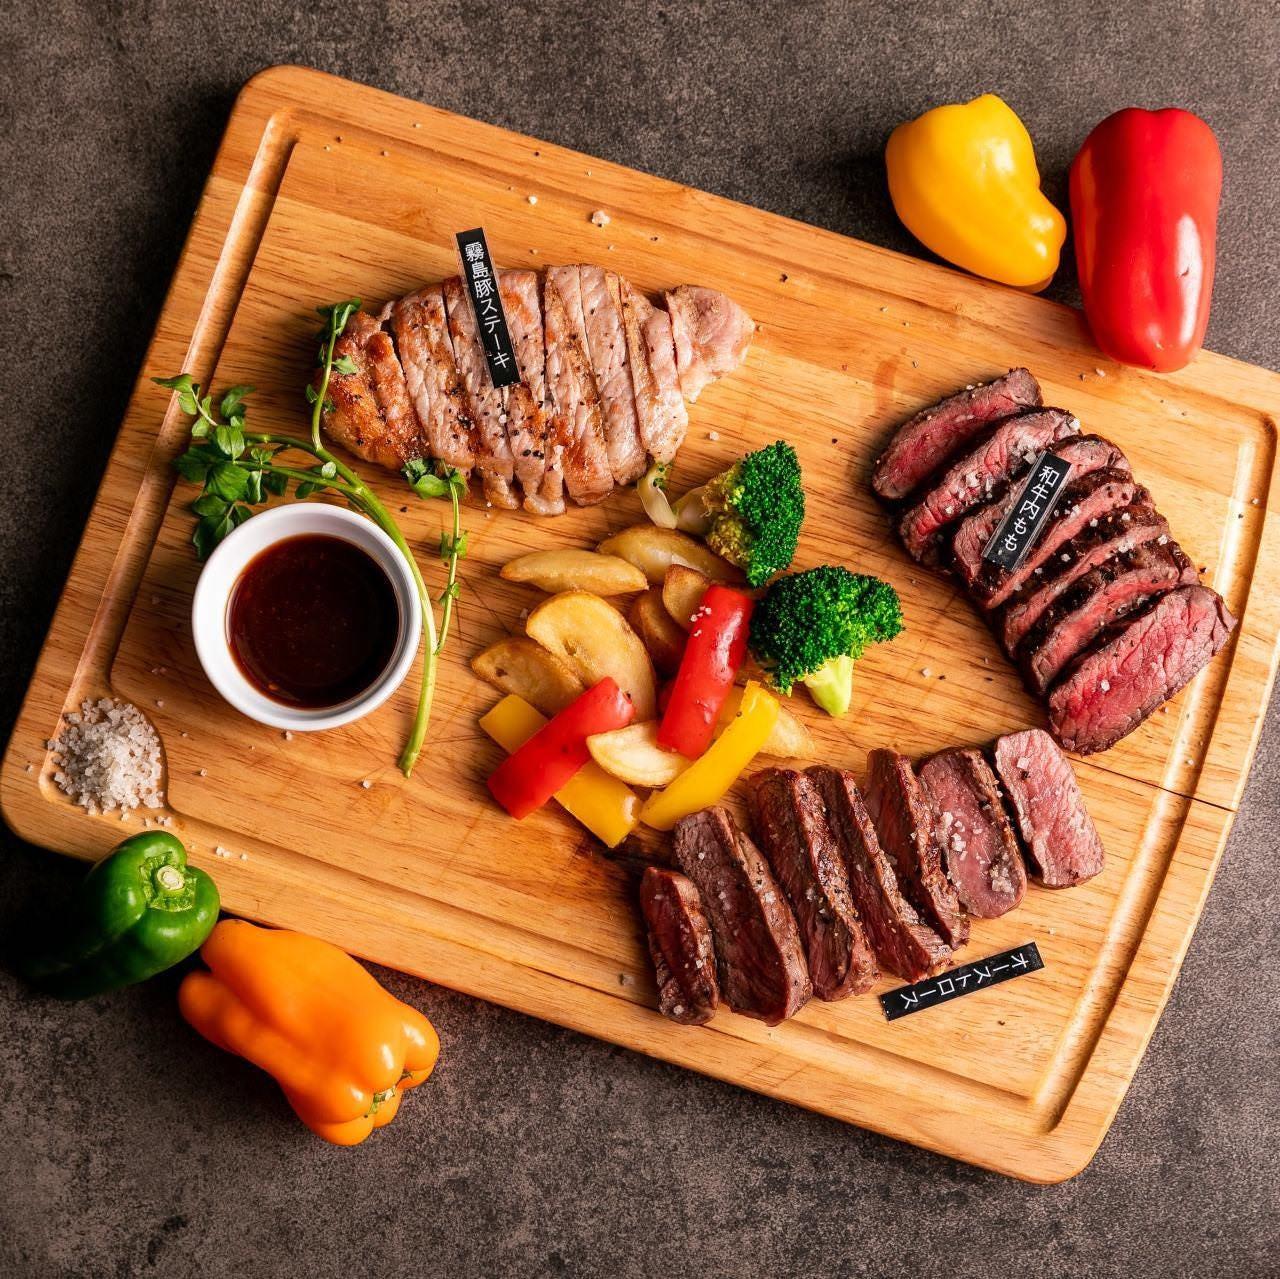 お肉をとにかく楽しみたい方へ『三種ステーキ食べ比べコース』全10品3時間飲み放題5400円⇒4400円